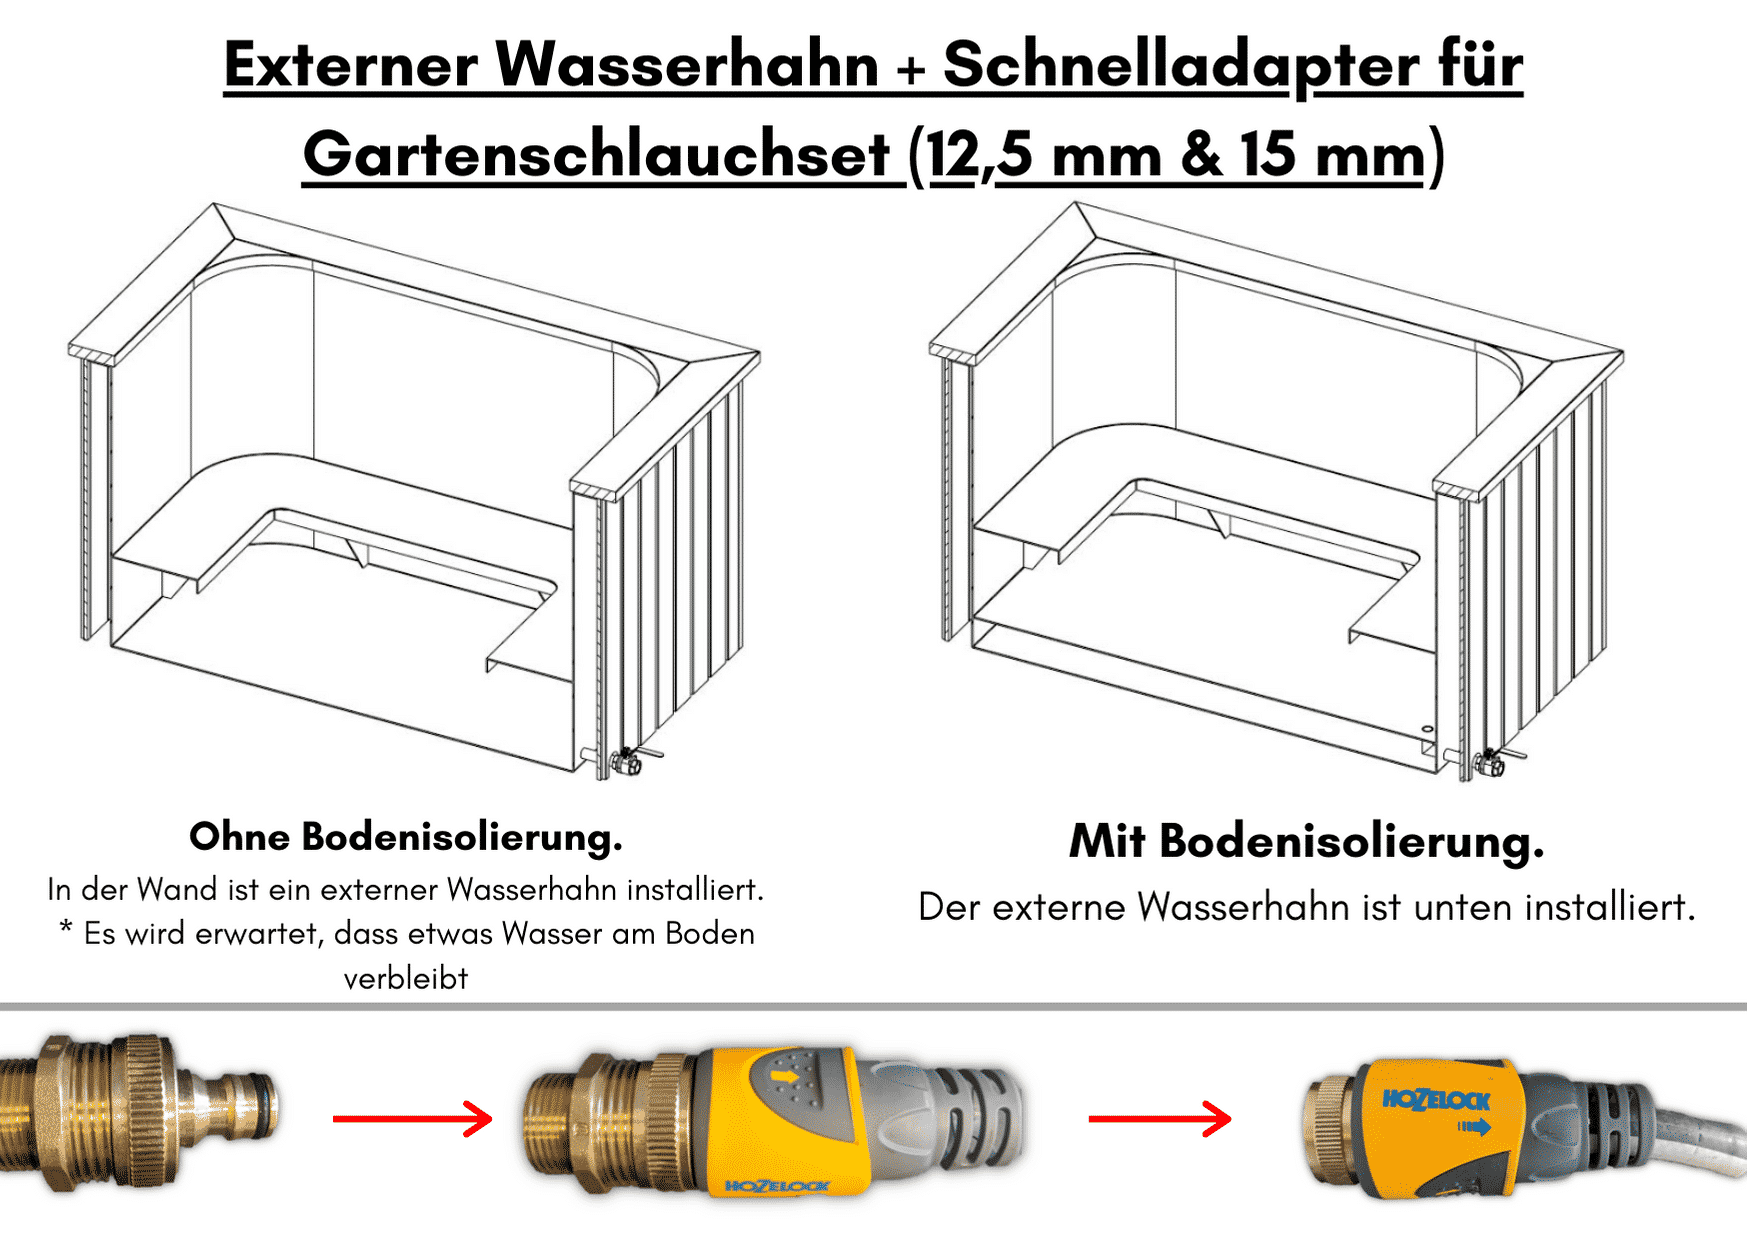 Externer Wasserhahn Schnelladapter fuer Gartenschlauchset 125 mm 15 mm